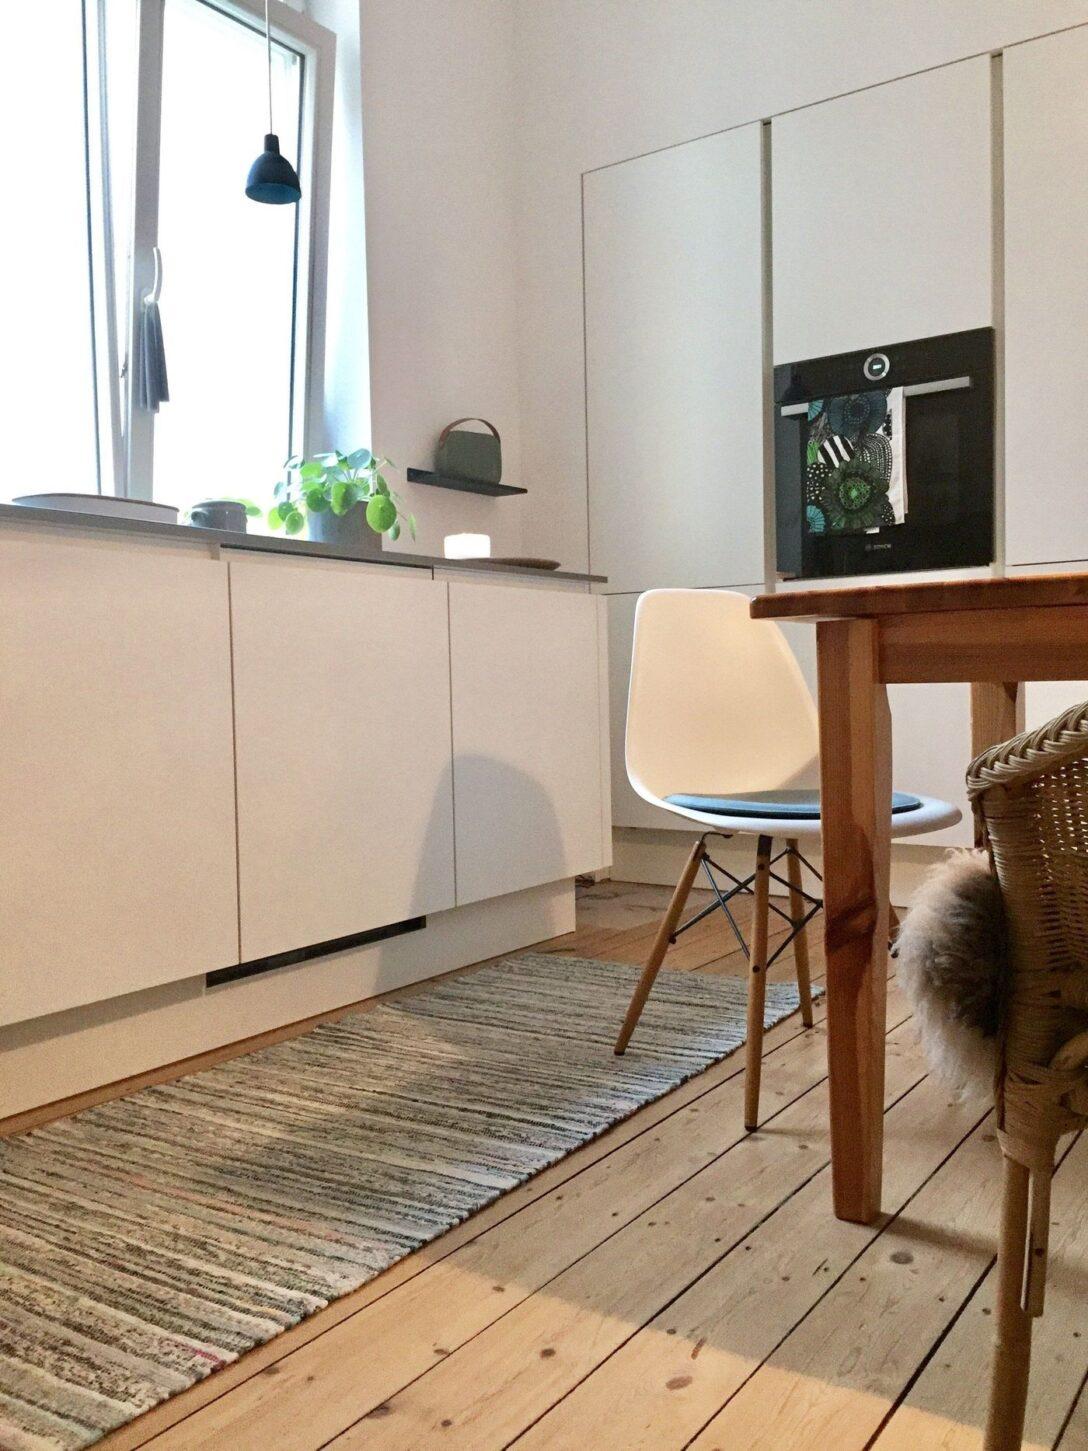 Large Size of Küche Teppich Schnsten Ideen Fr Teppiche Von Ikea Led Panel Landhaus Landhausküche Weiß U Form Wandverkleidung Büroküche Scheibengardinen L Mit Kochinsel Wohnzimmer Küche Teppich